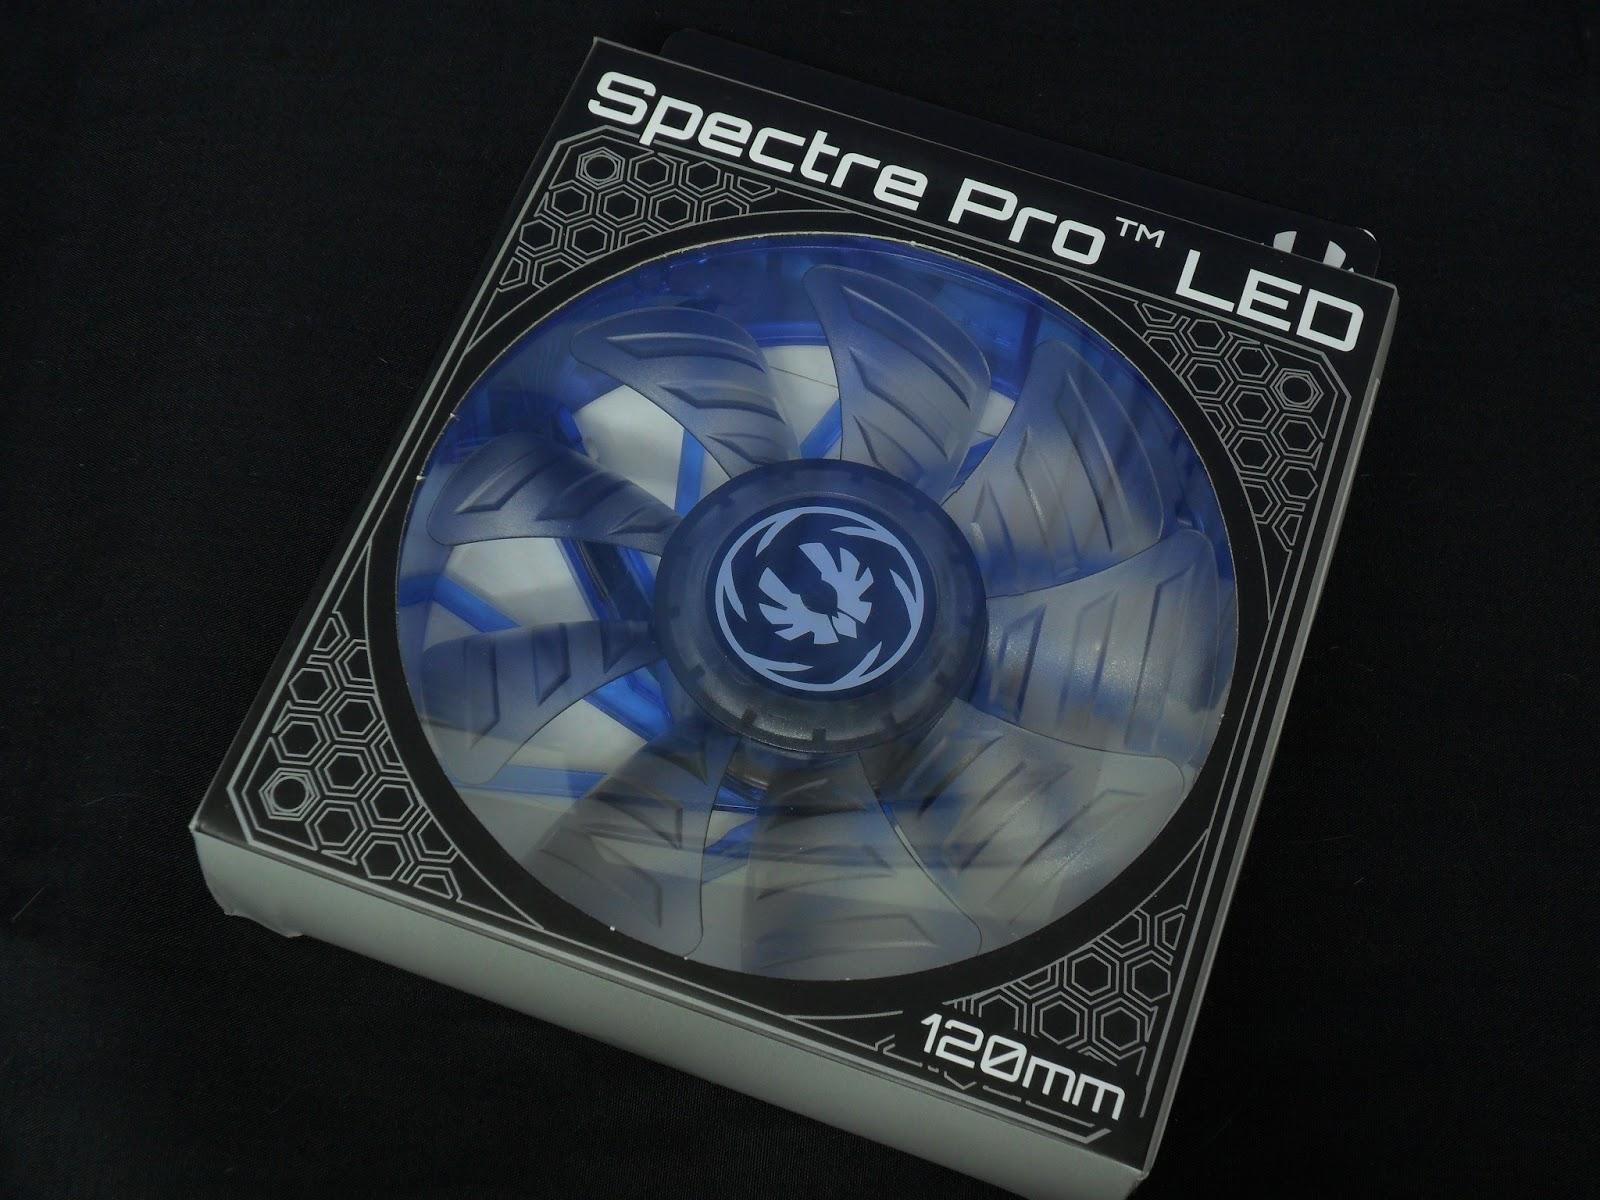 Unboxing & Review : BitFenix Spectre Pro LED 120mm 2